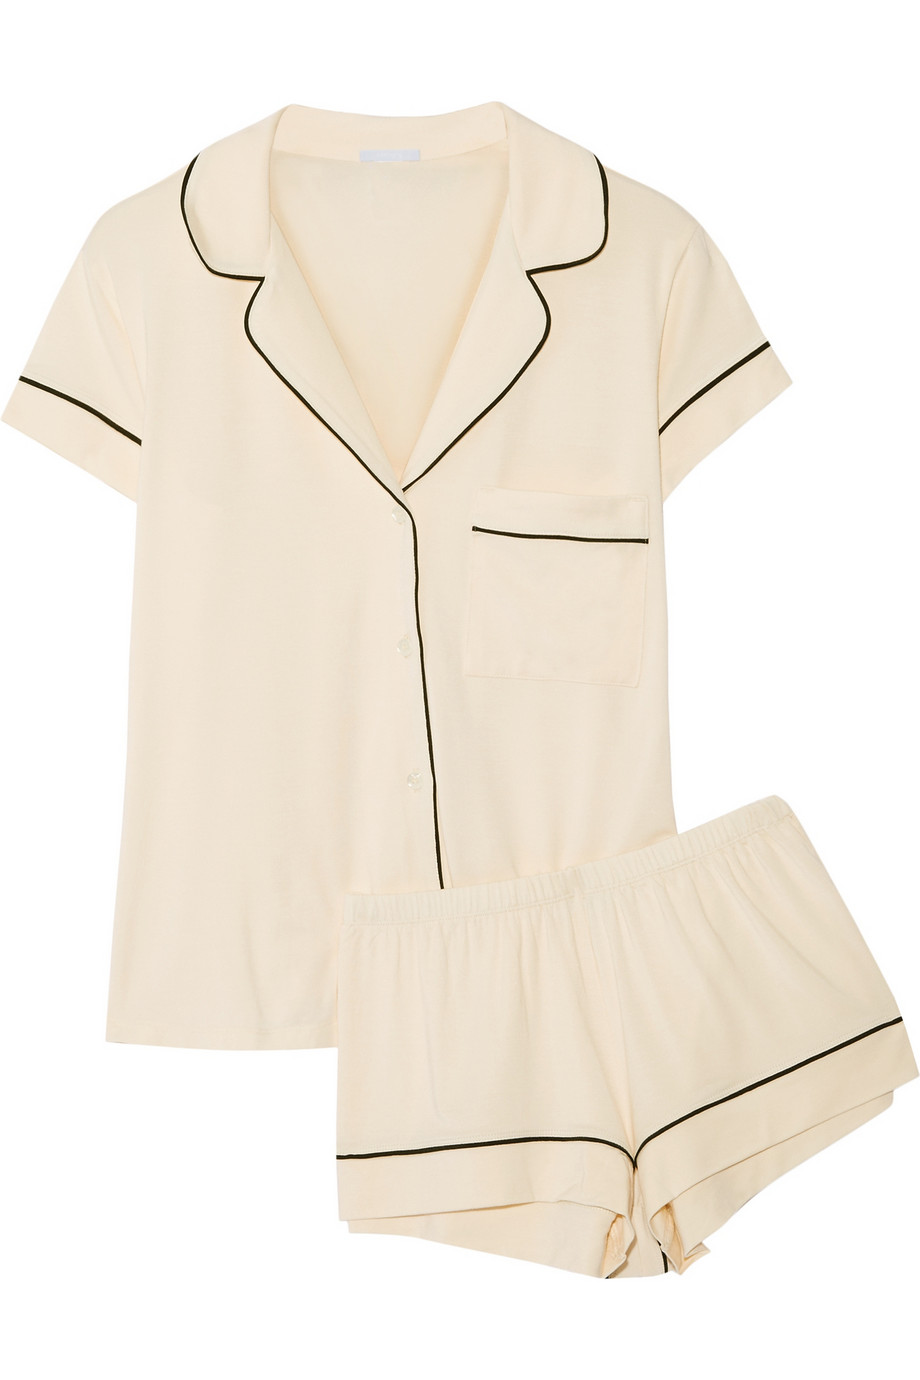 Gisele stretch-modal pajama set, £95, Eberjey. www.net-a-porter.com